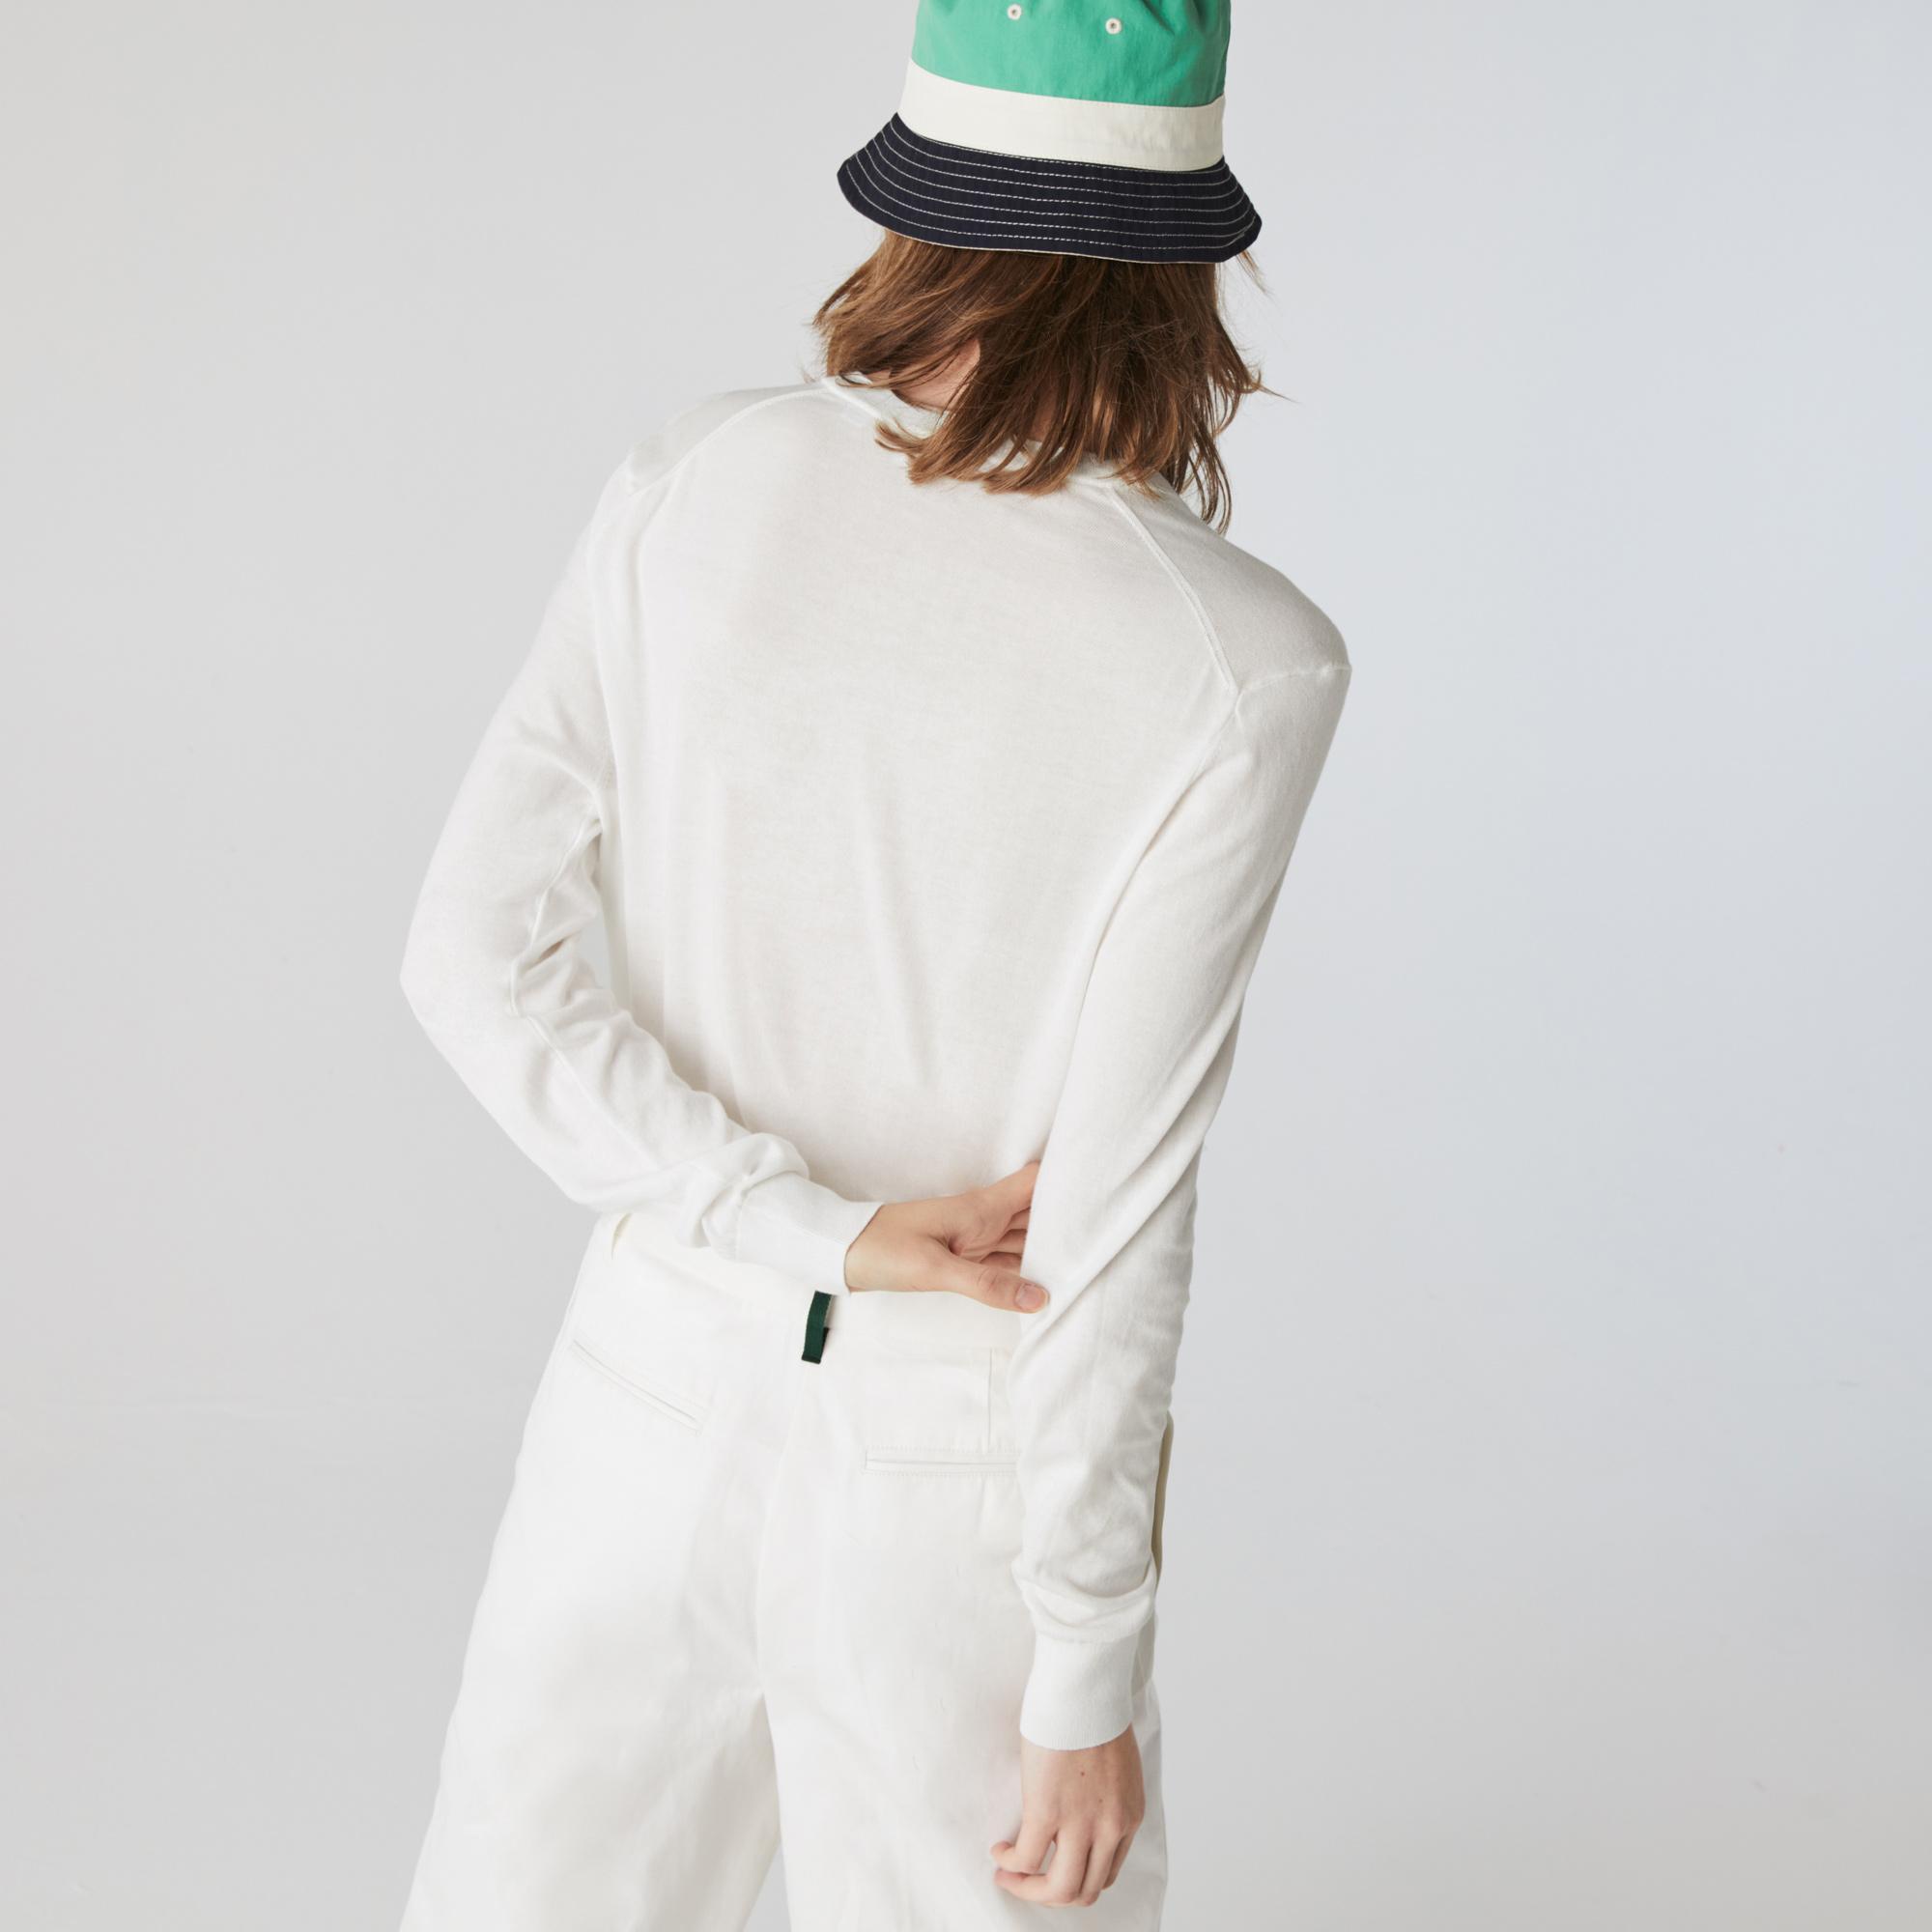 Lacoste Damski luźny sweter z dekoltem w kształcie litery V z bawełny organicznej